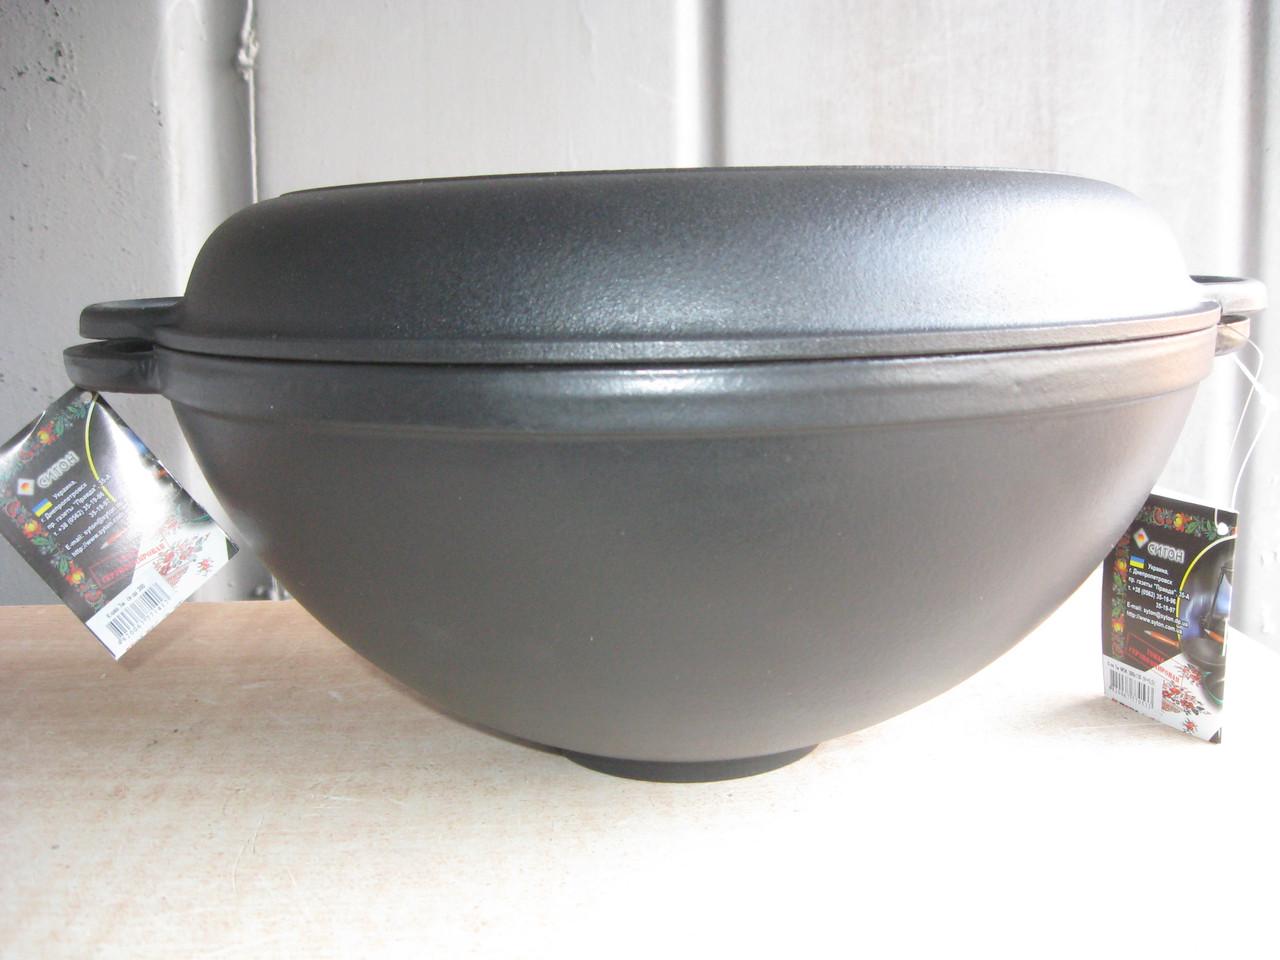 Кастрюля WOK  чугунная эмалированная с крышкой-сковородой. Объем 5,5 литров.